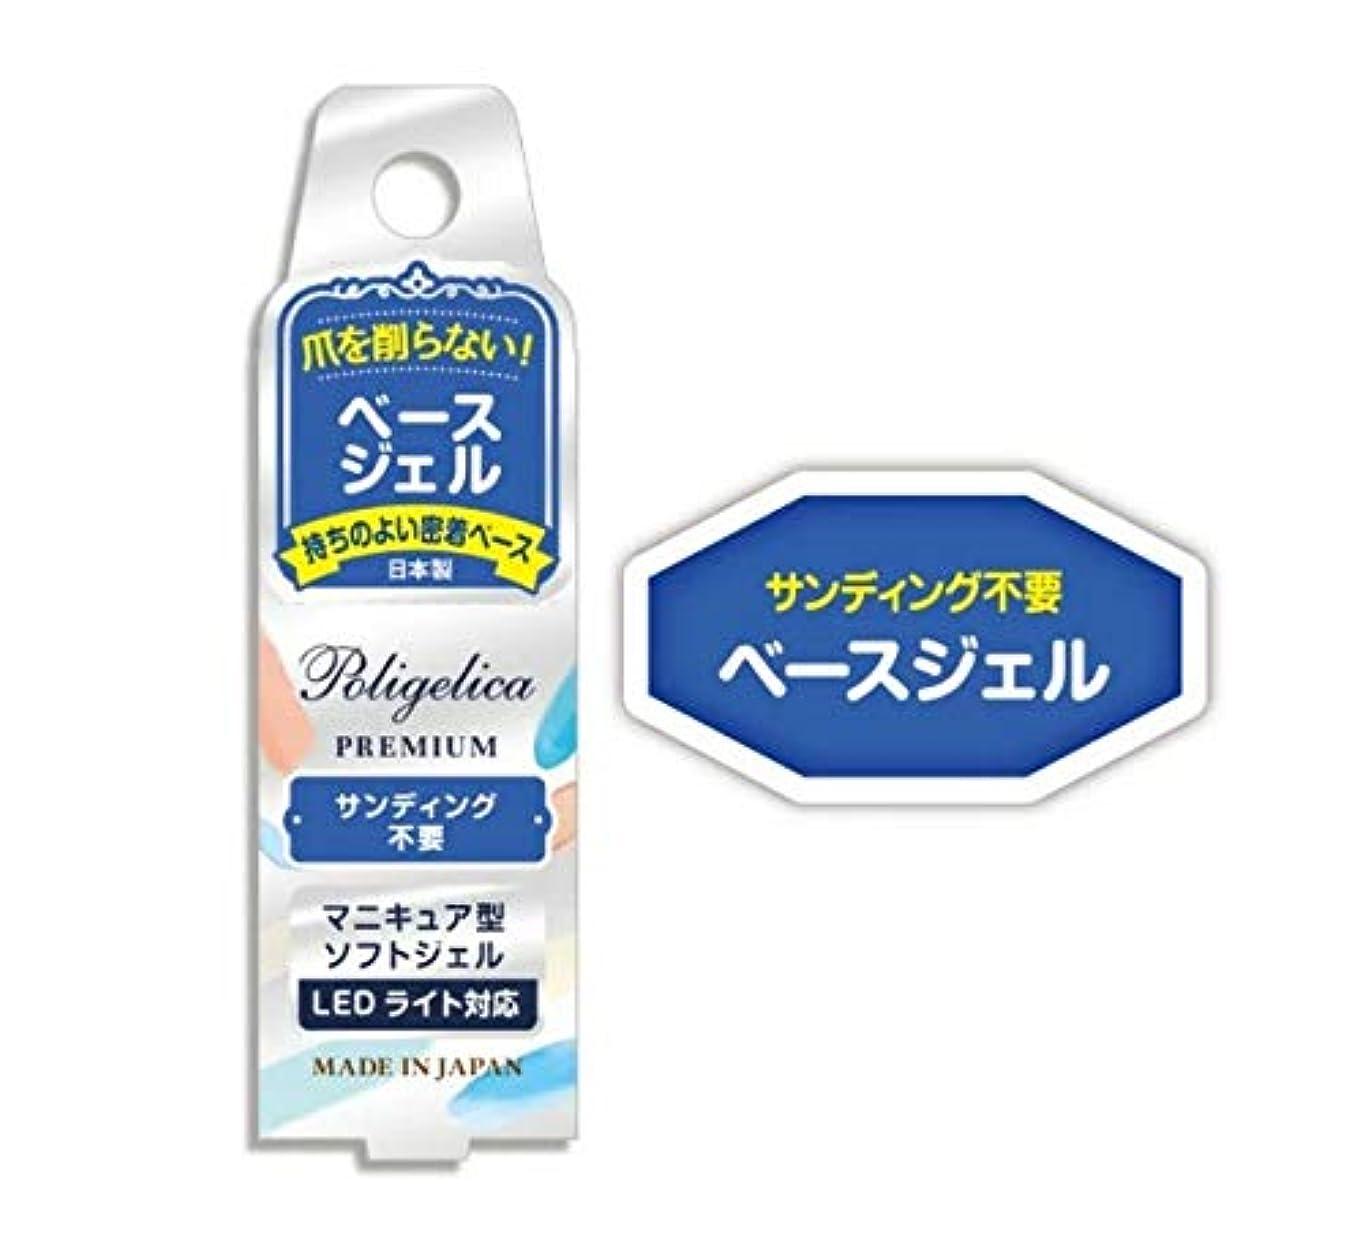 民主党パーセント漁師BWポリジェリカ プレミアムベースジェル 6g APGB1001 日本製 ソフト ジェル ネイル サンディング不要 爪 密着 マニキュア型